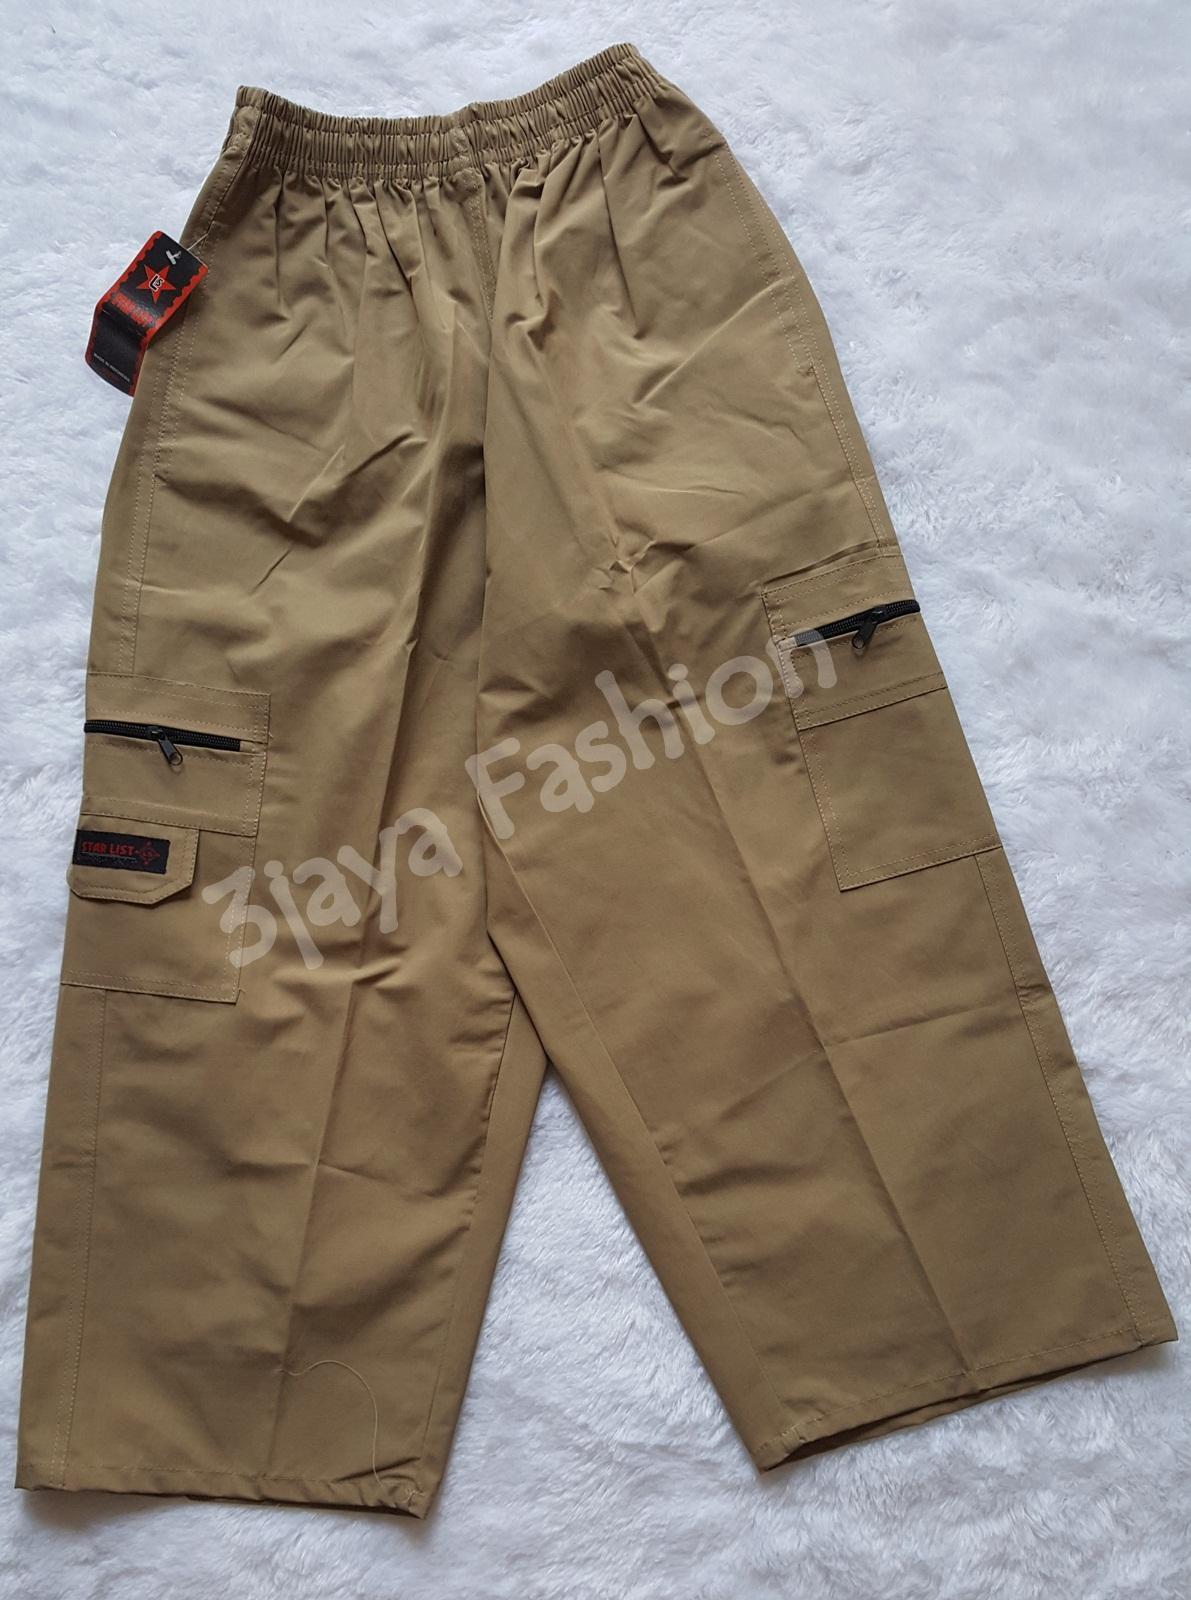 Buy Sell Cheapest Sirwal 5 Kantongsm55 Best Quality Product Deals Celana Ikhwan Panjang 90cm Pangsi Cingkrang Untuk Pria